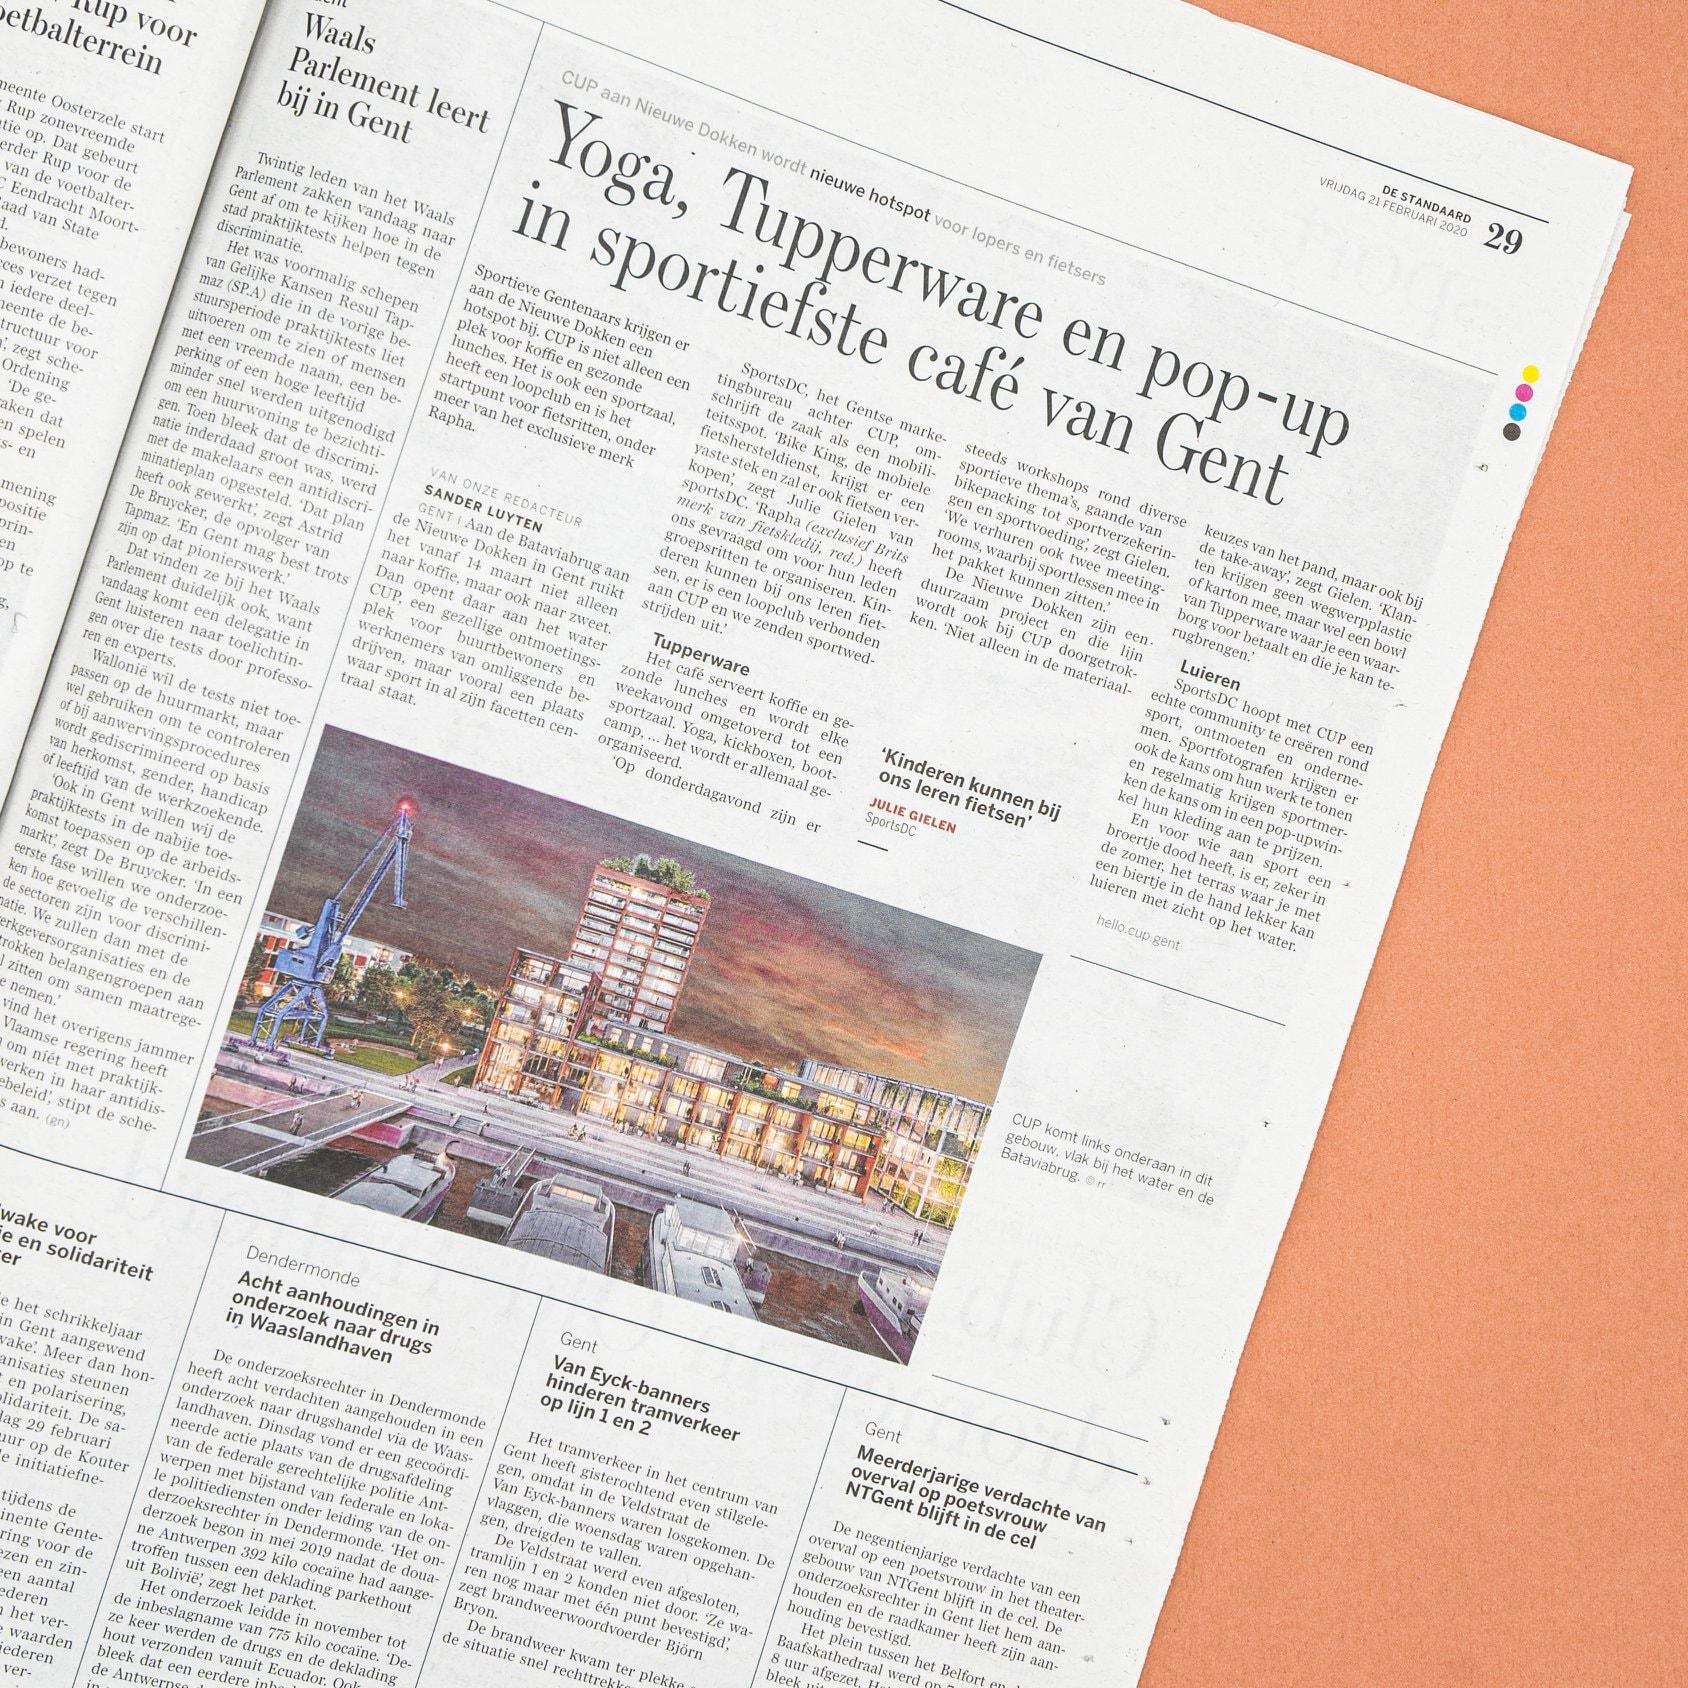 CUP.Gent - Artikel krant